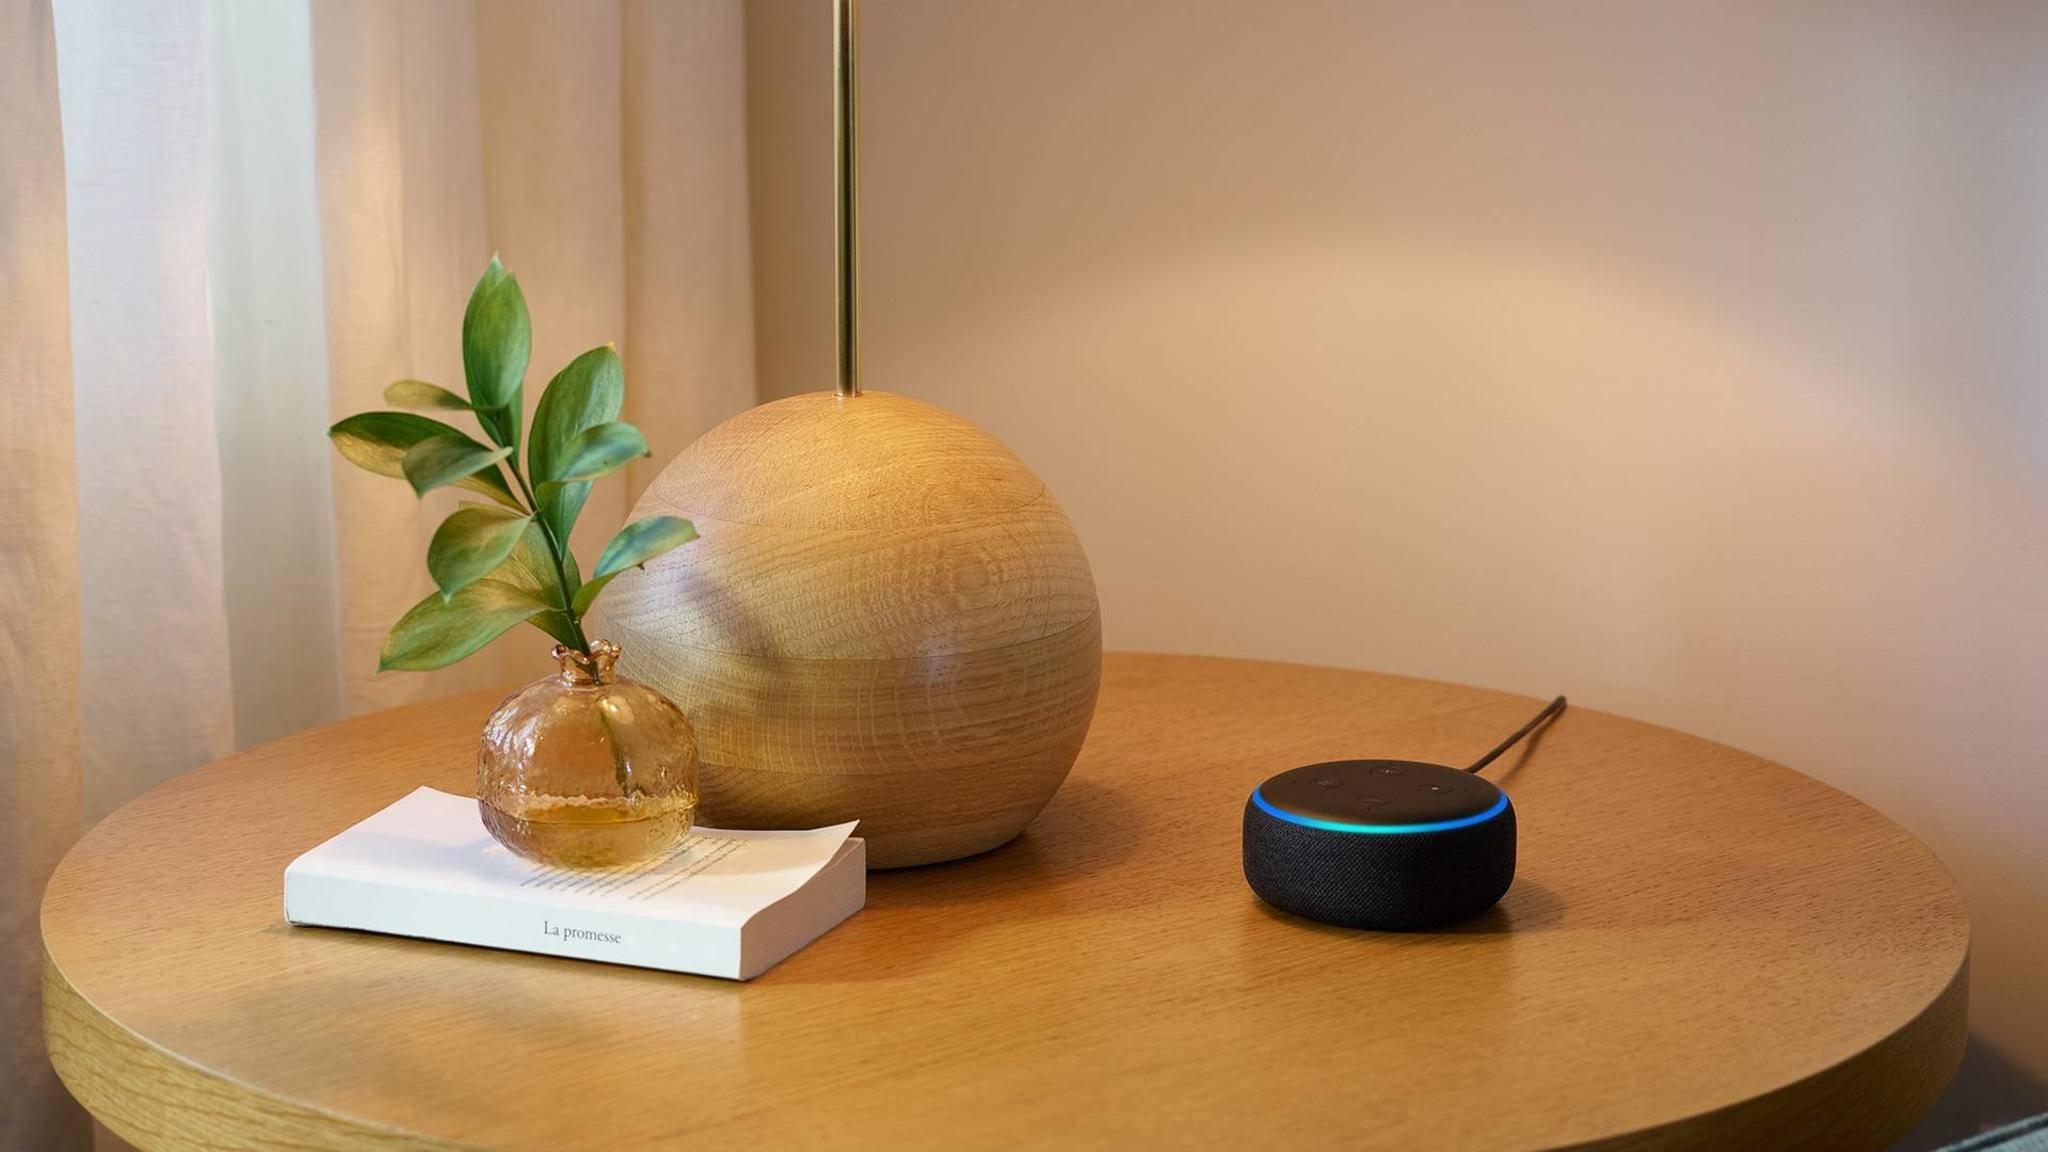 Der neue Echo Dot ist deutlich schicker als das erste Modell.